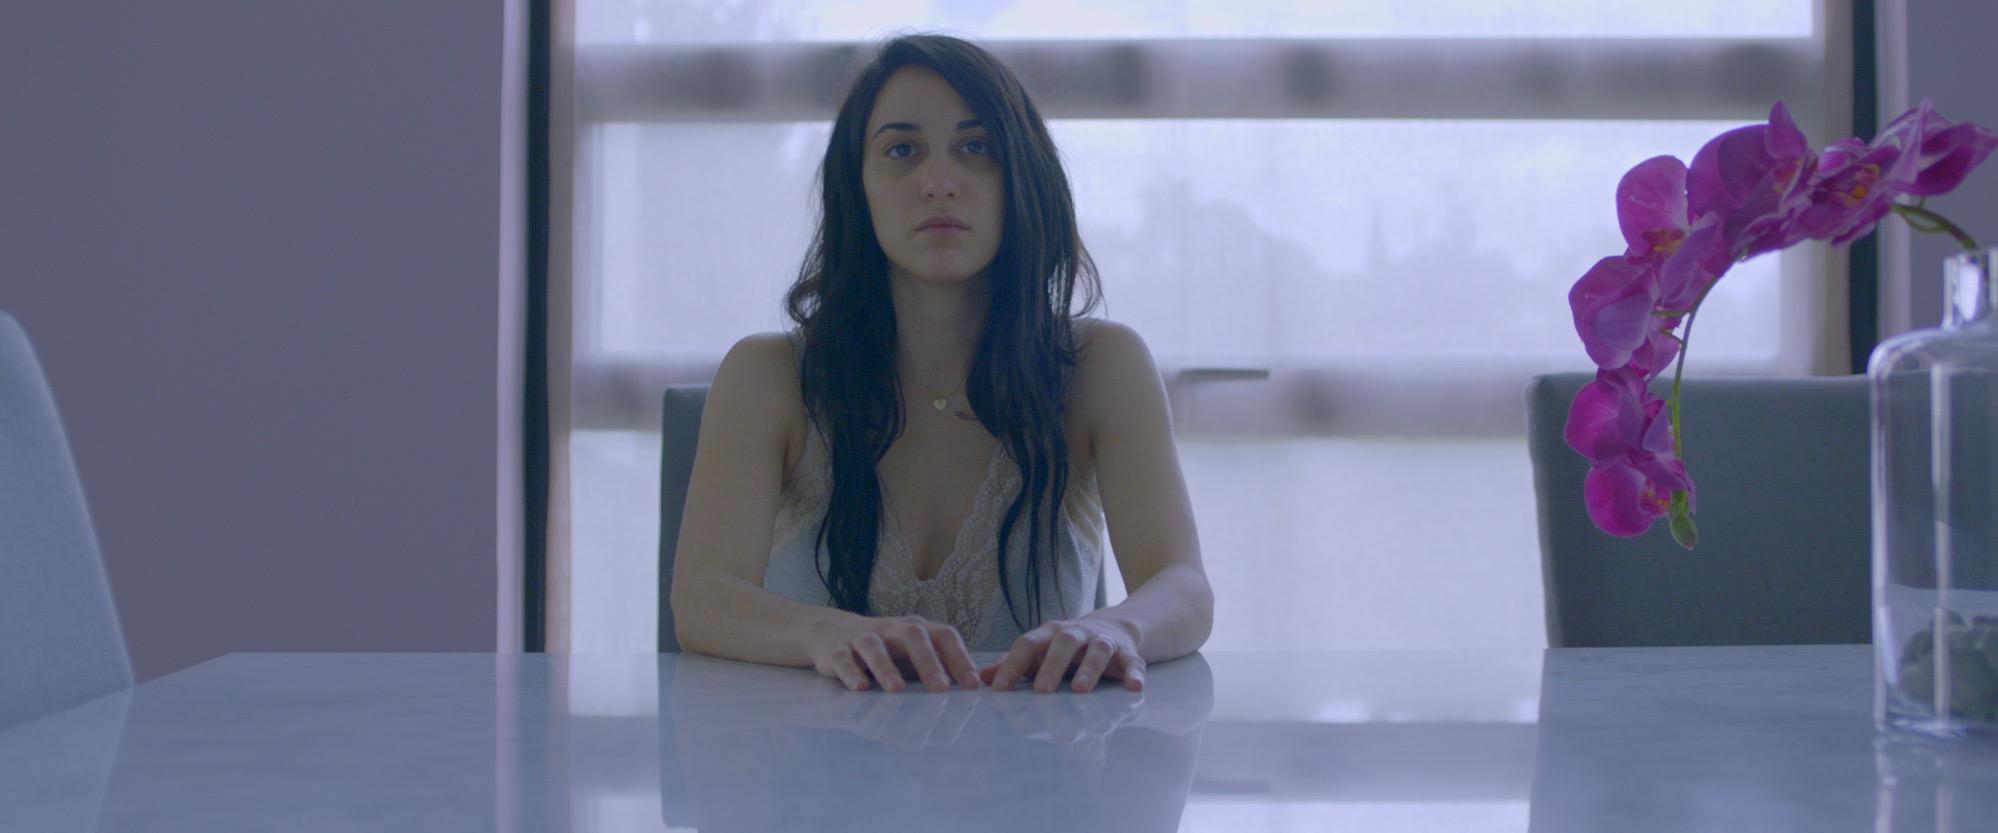 Anahi Davila in Dos Veces Tú (2018)